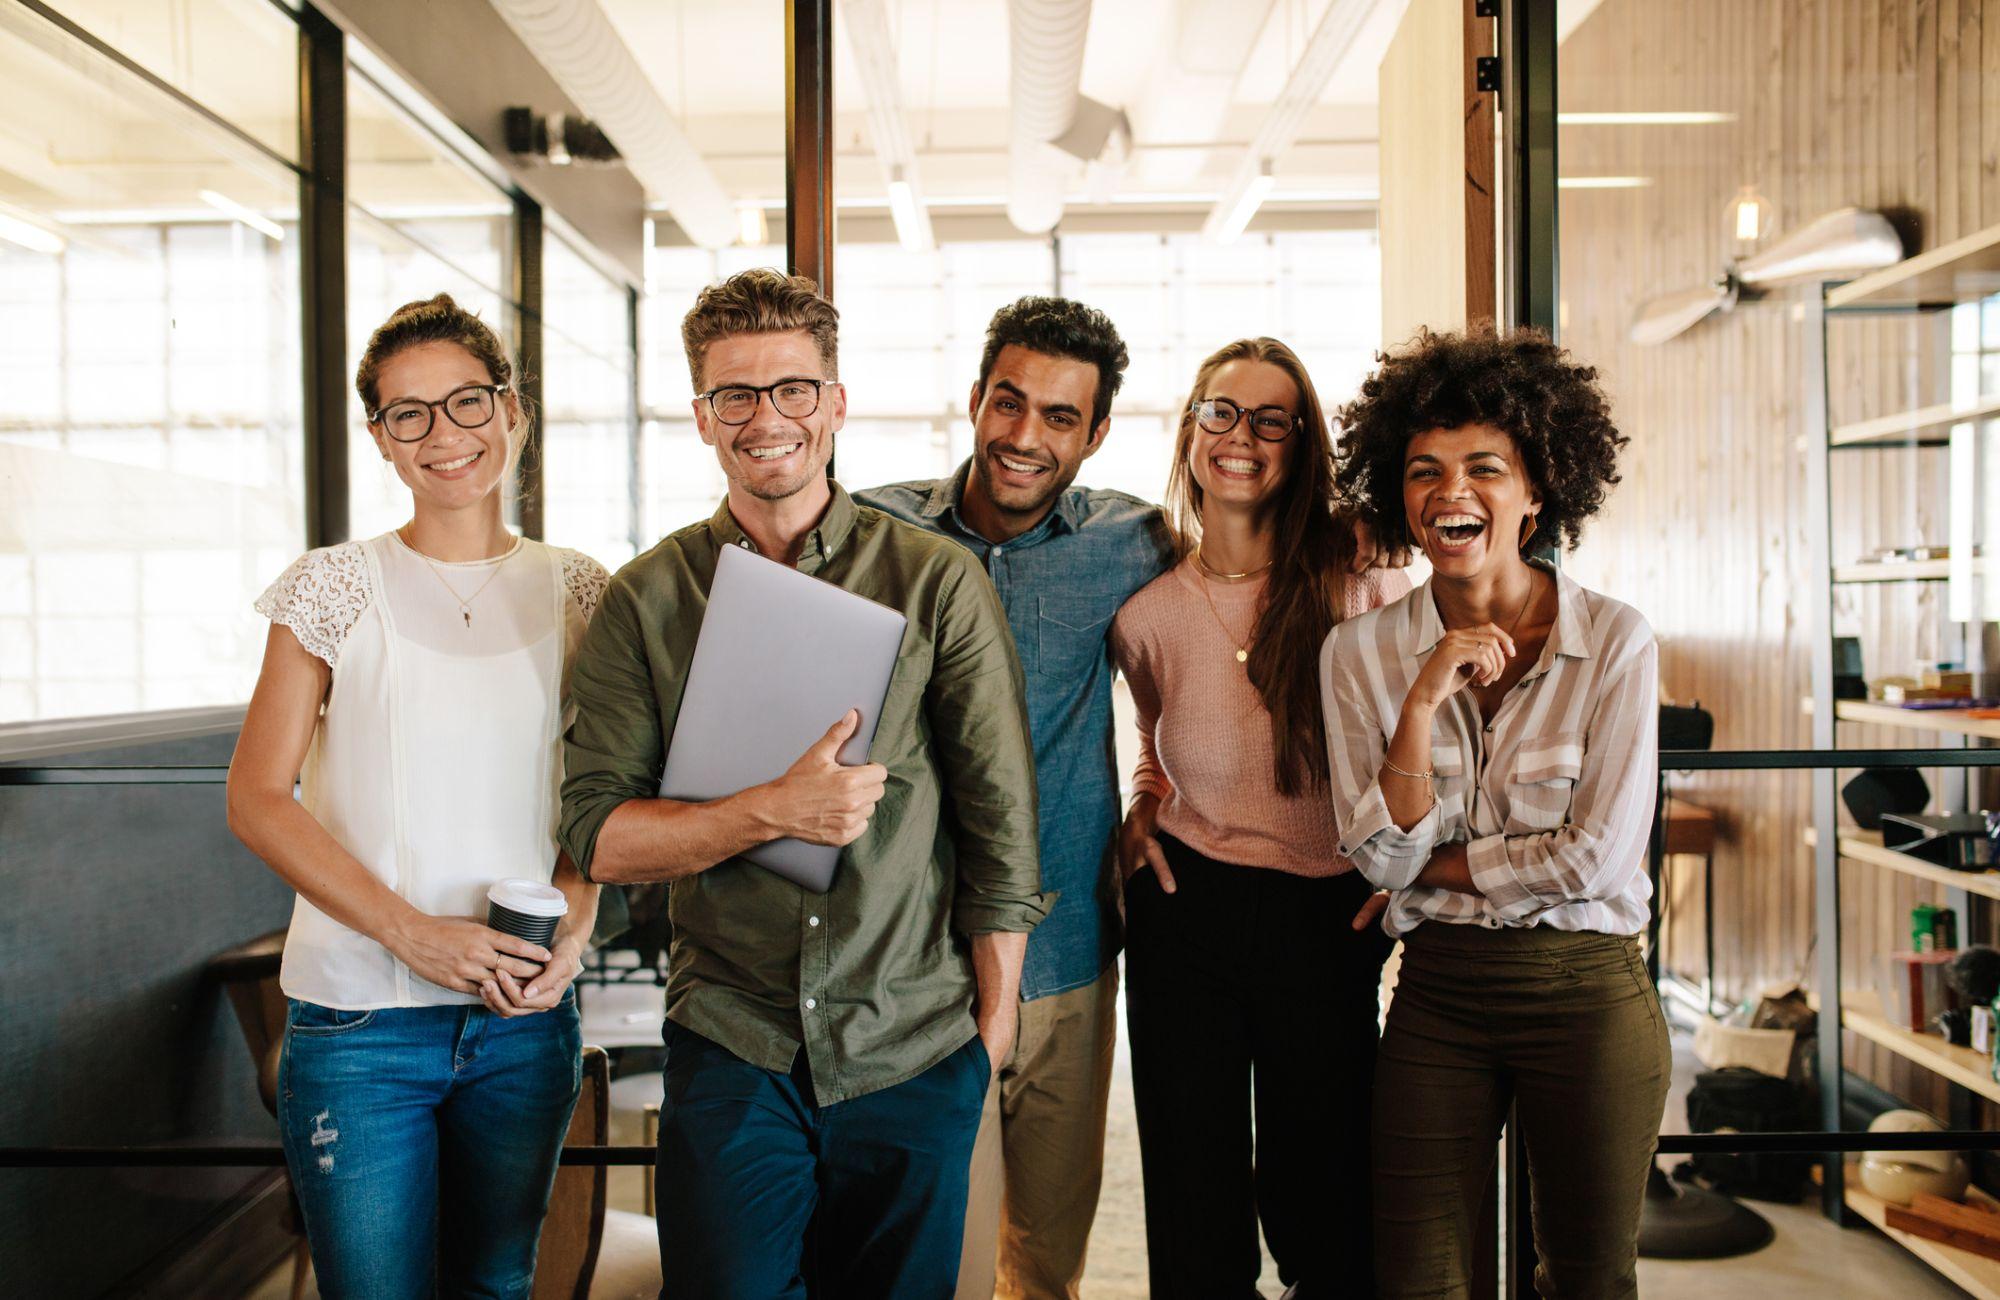 Por que a sua empresa deve fazer os colaboradores felizes?